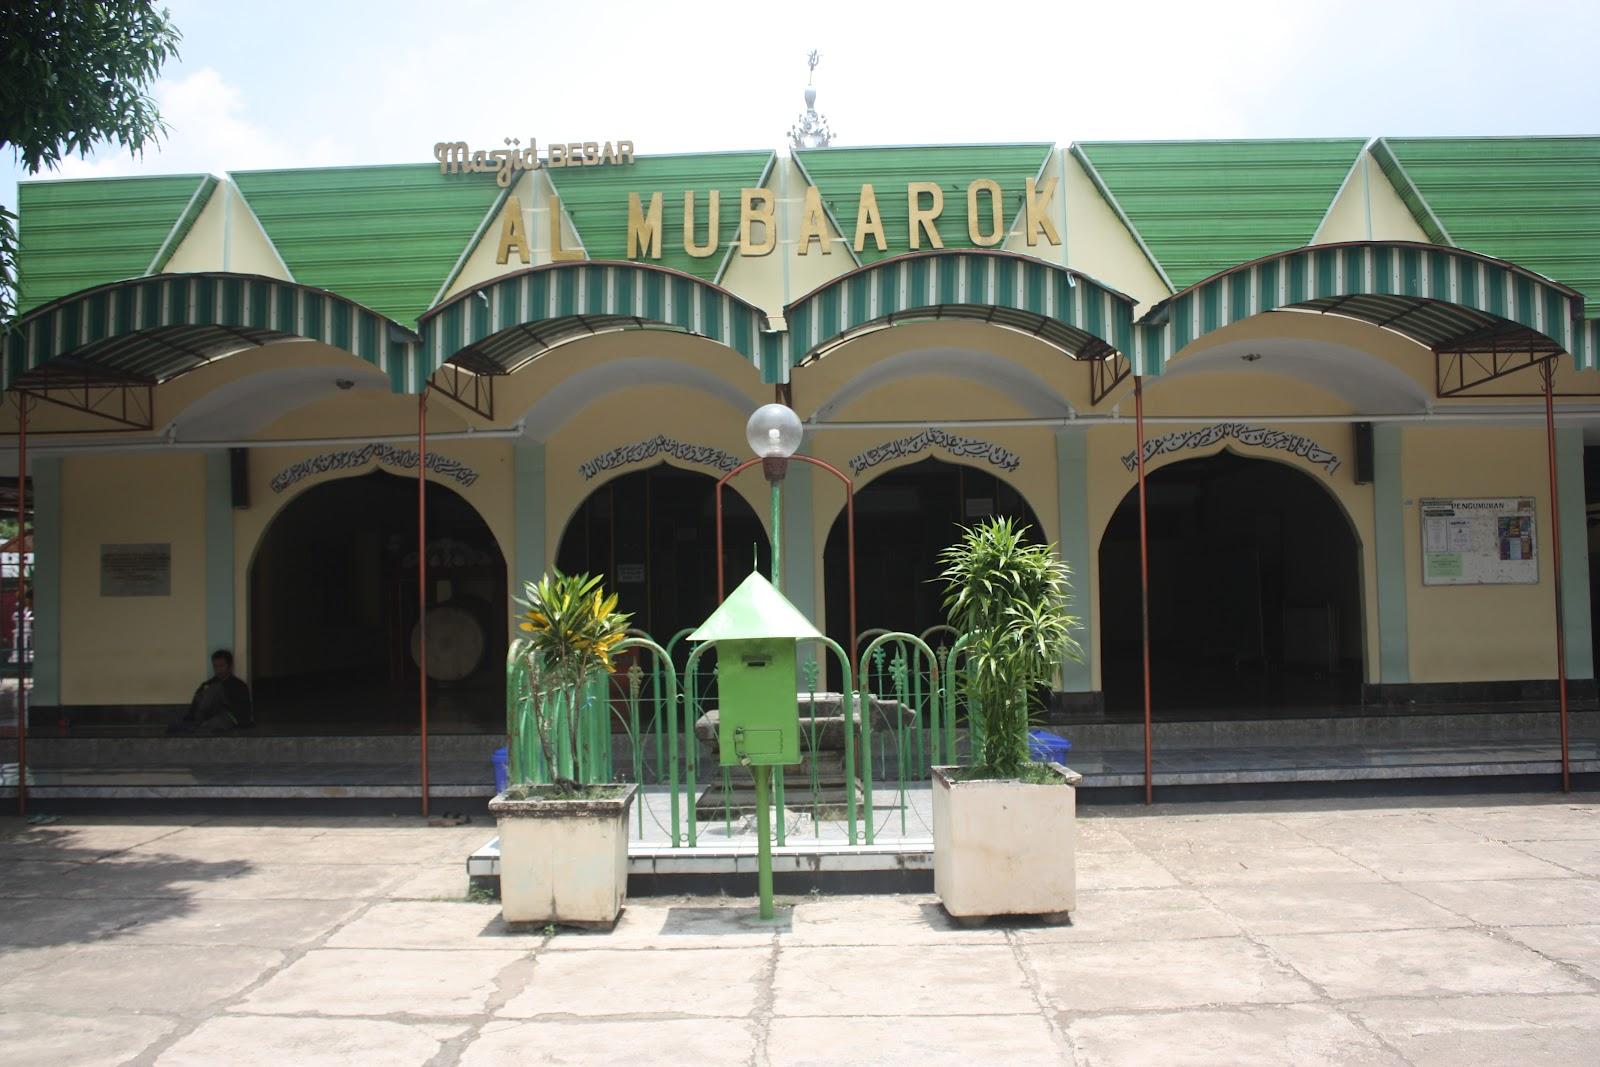 Information Internet Masjid Al Mubarok Kanjeng Jimat Makam Kab Nganjuk